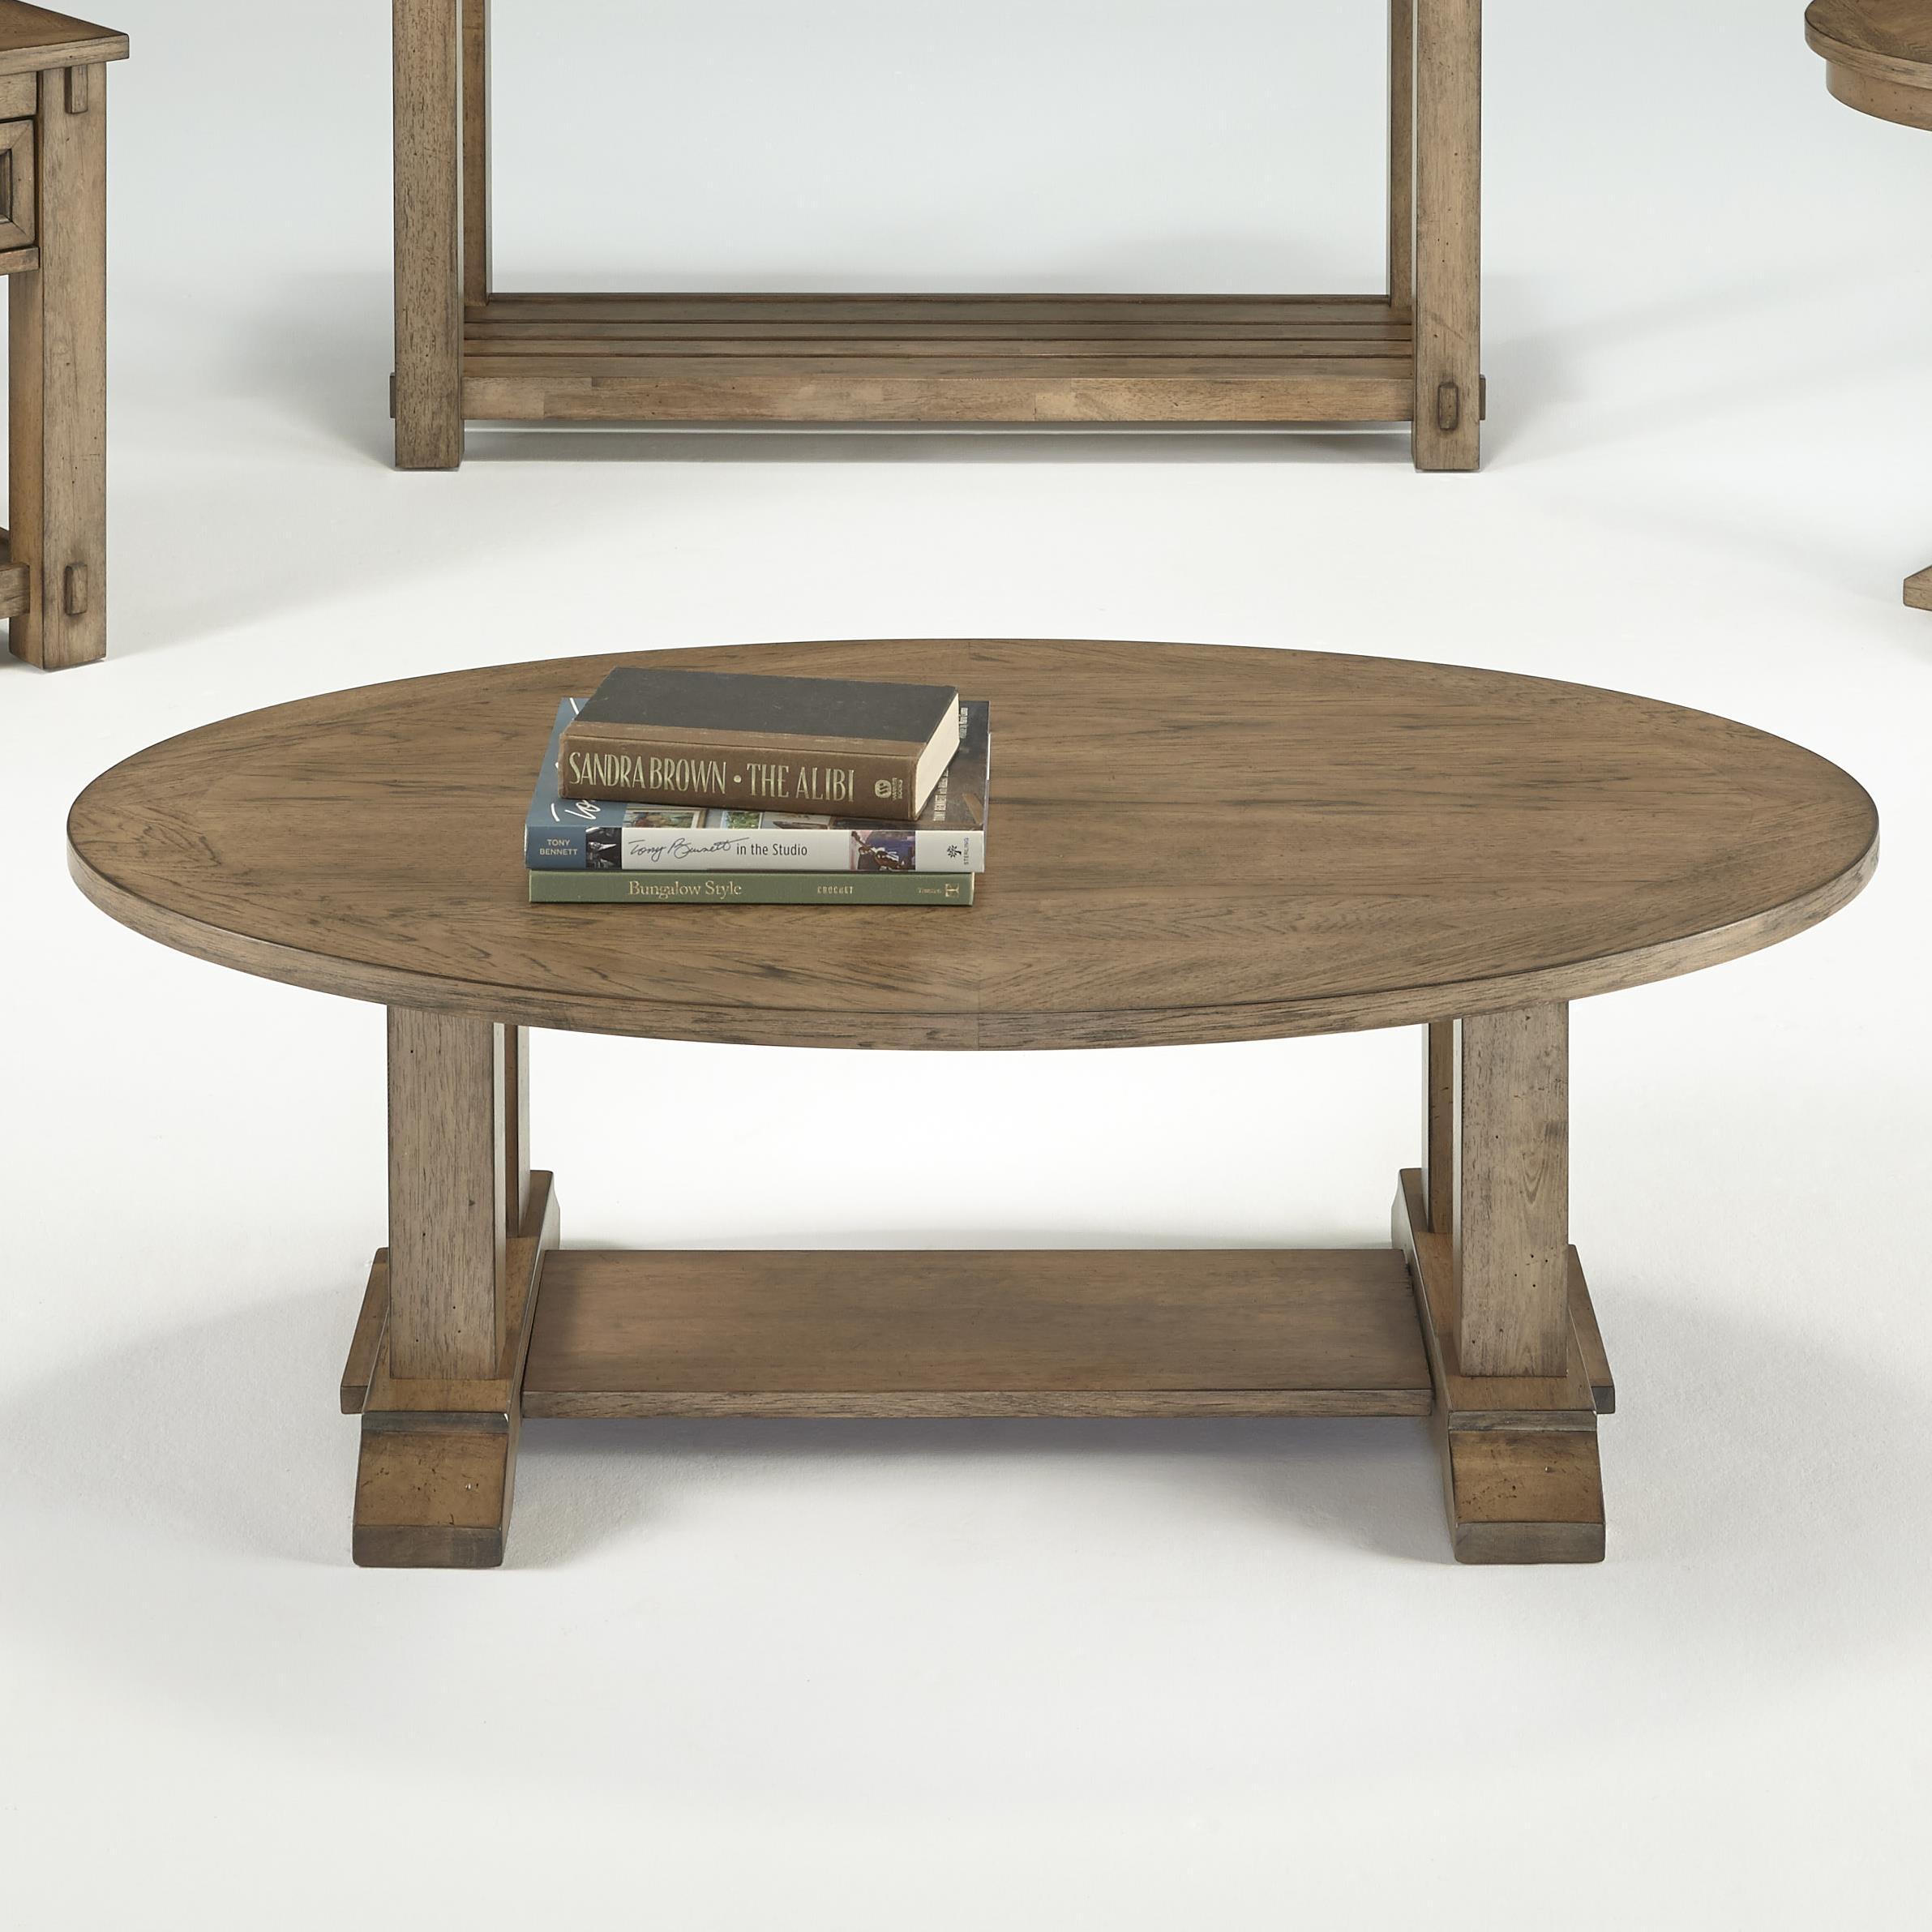 Progressive Furniture Boulder Creek Oval Cocktail Table - Item Number: P549-30